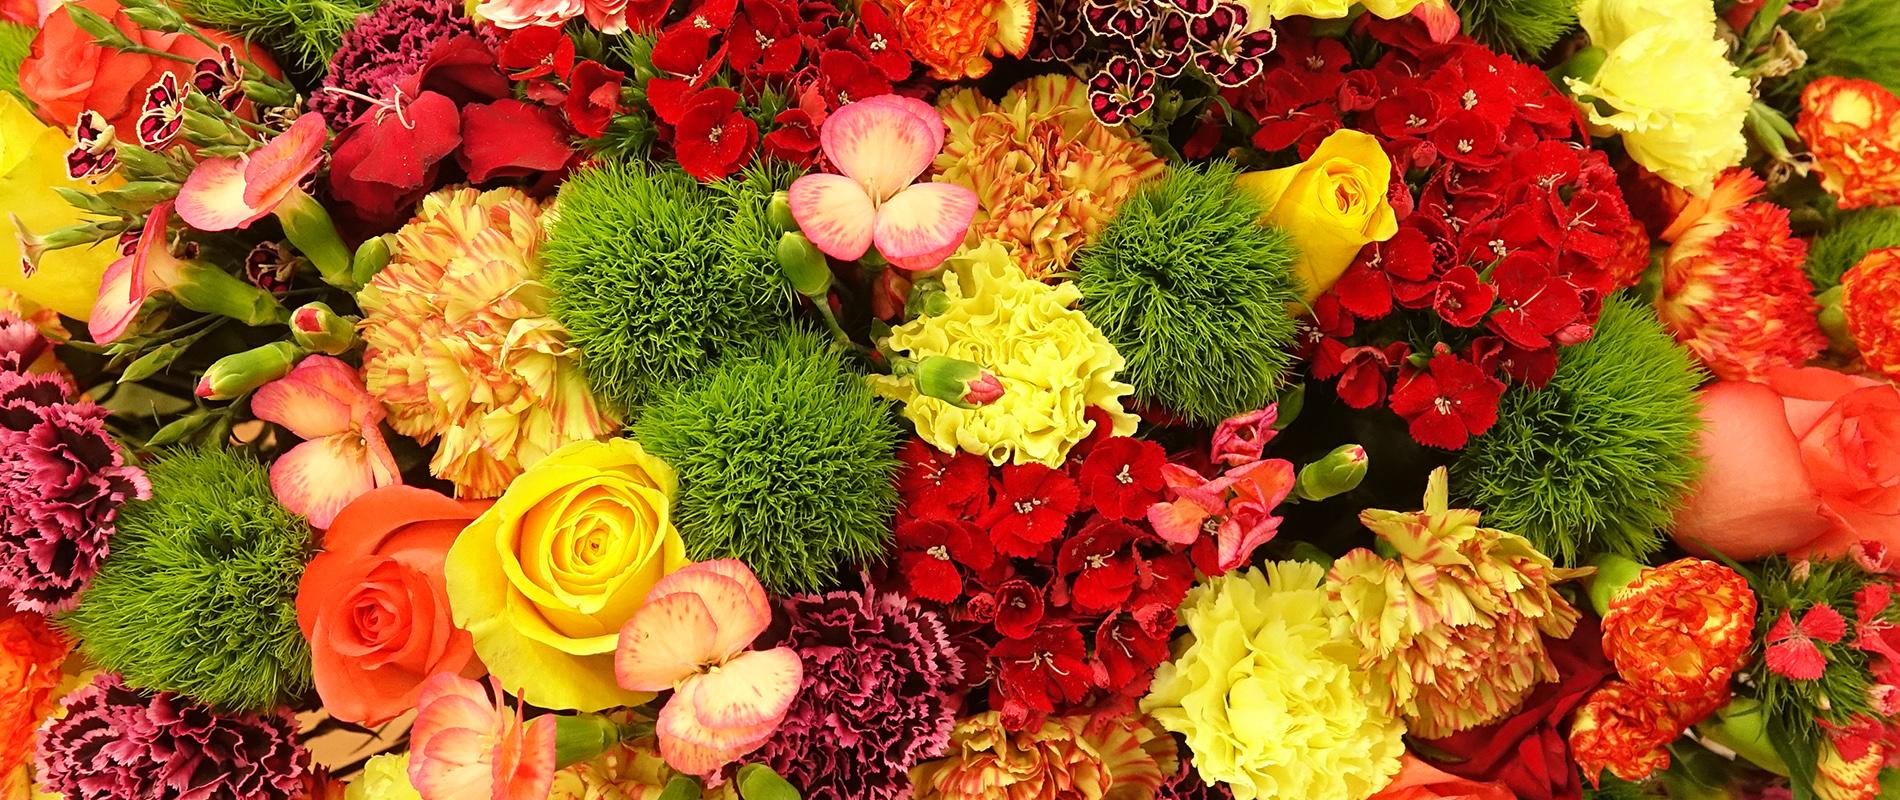 about dreisbach wholesale florists